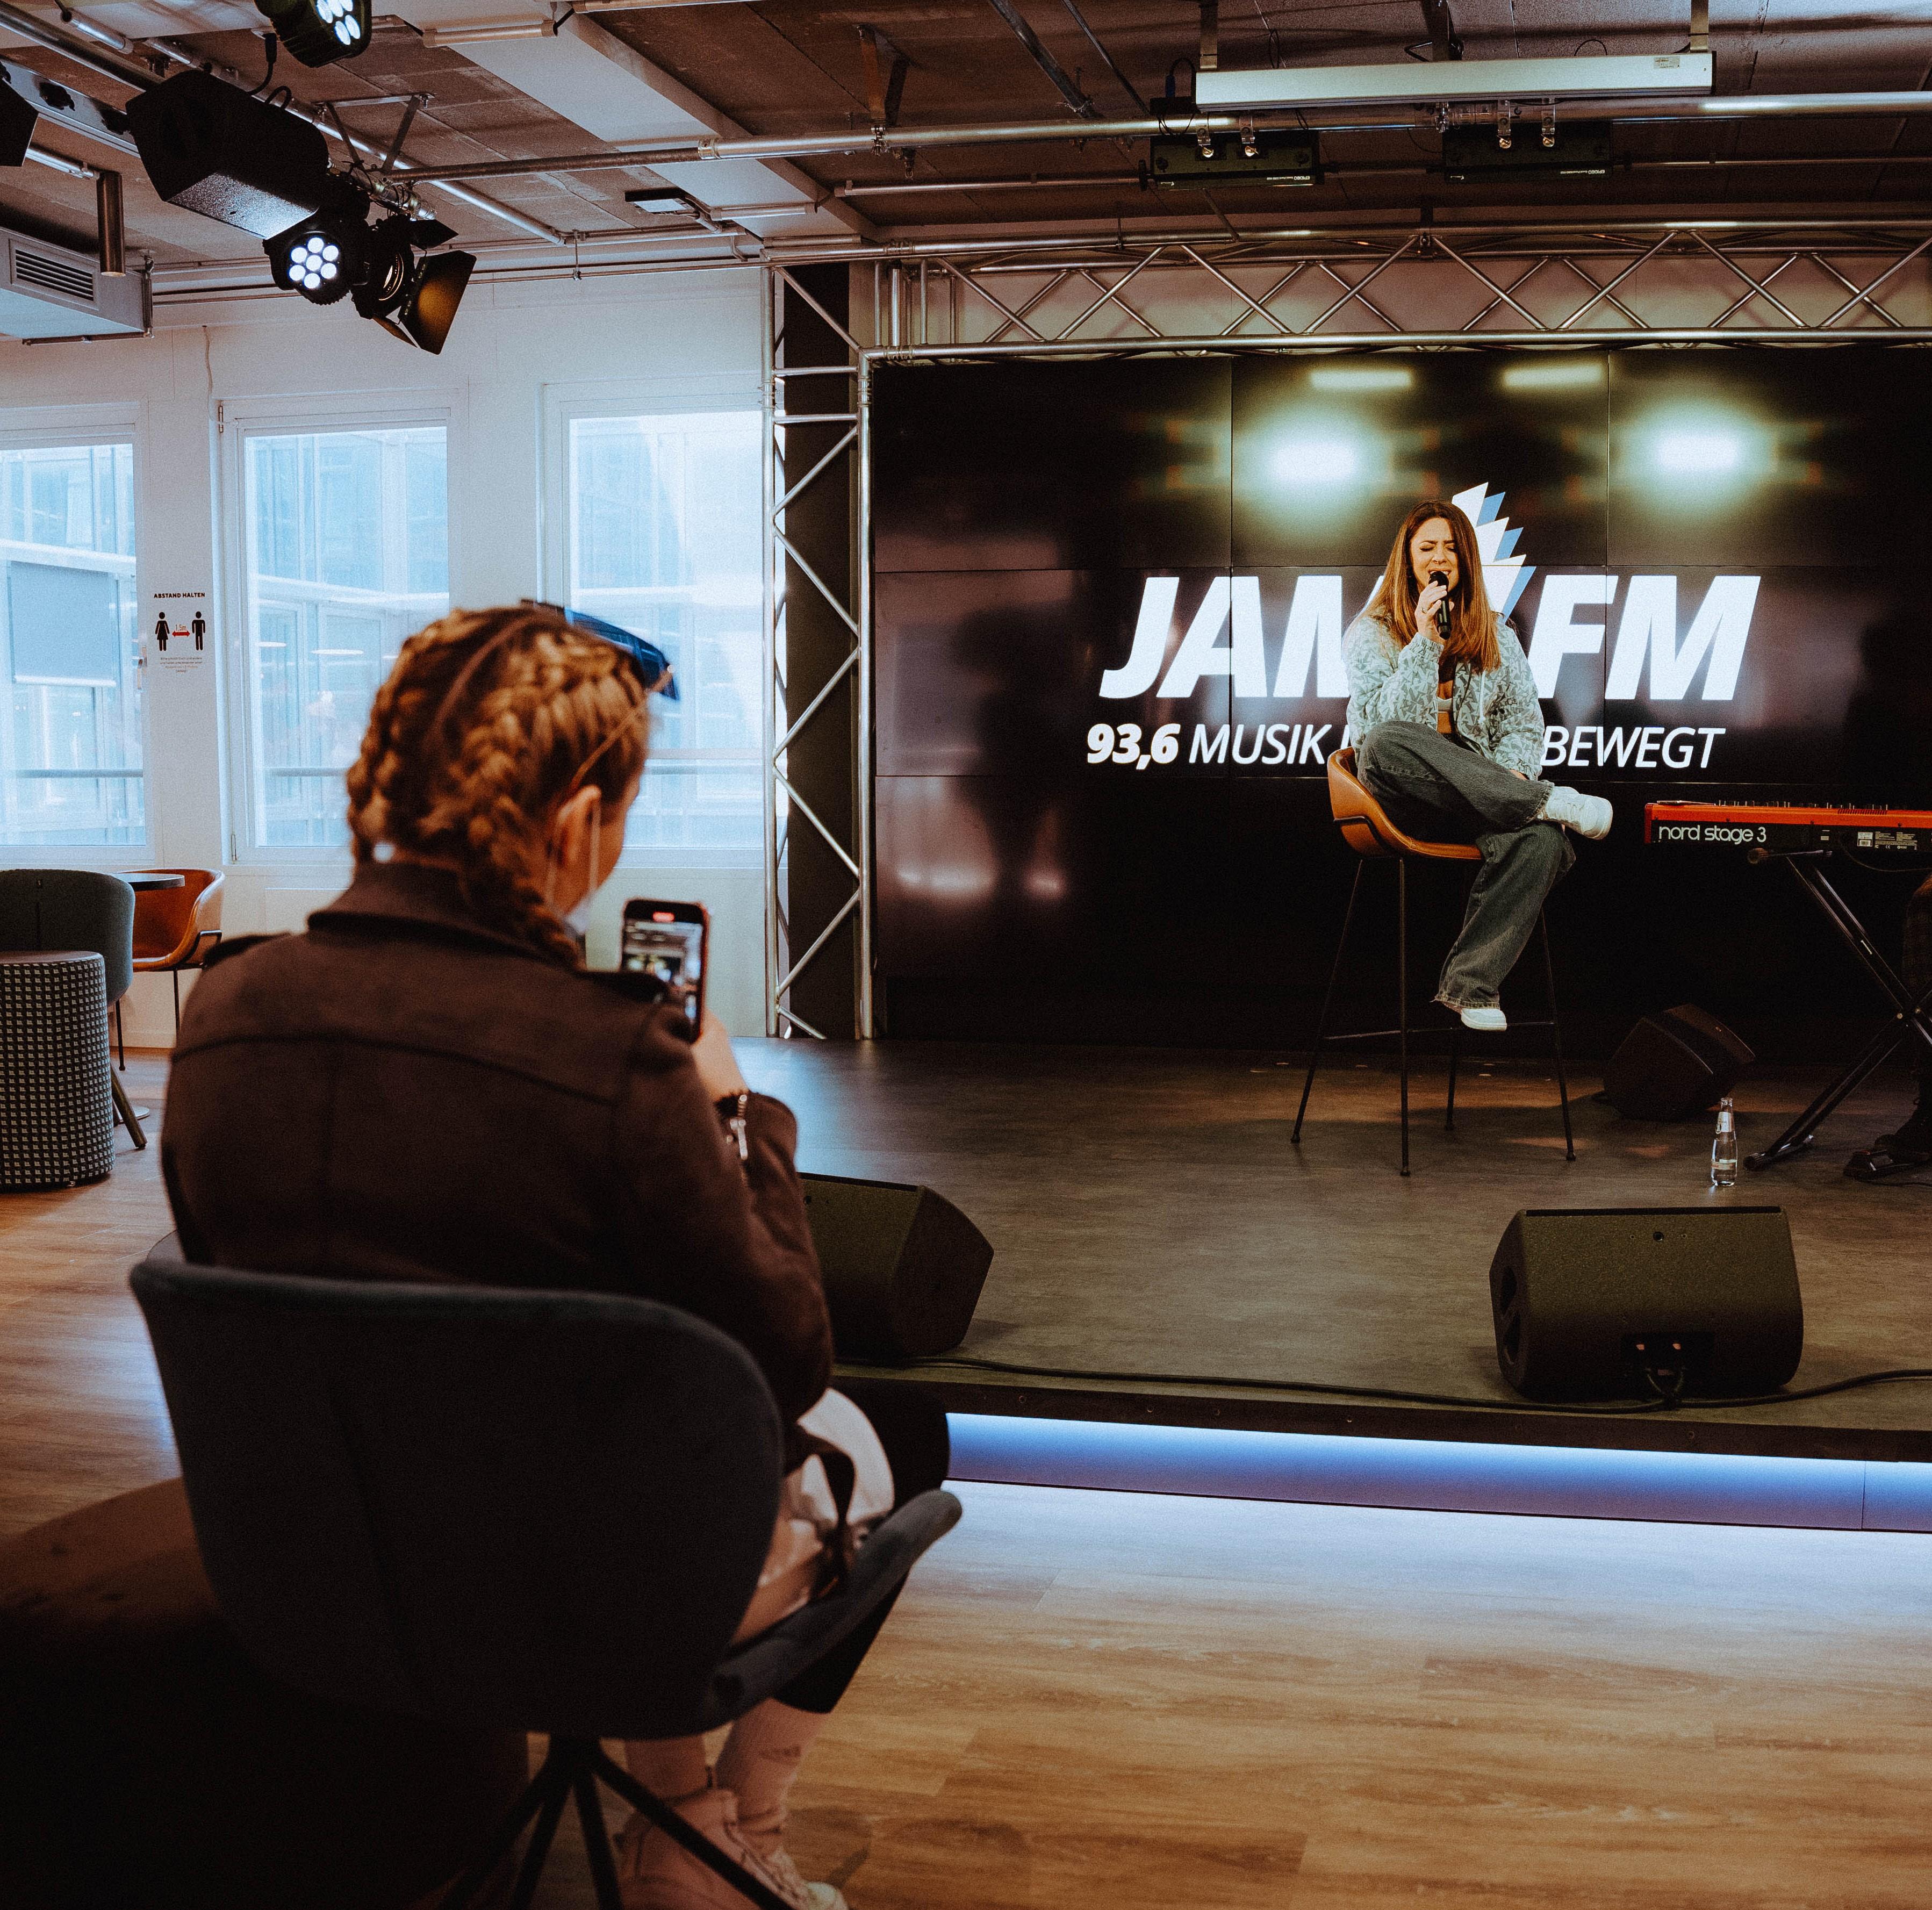 Radiosender JAM FM präsentiert Livekonzerts mit Vanessa Mai